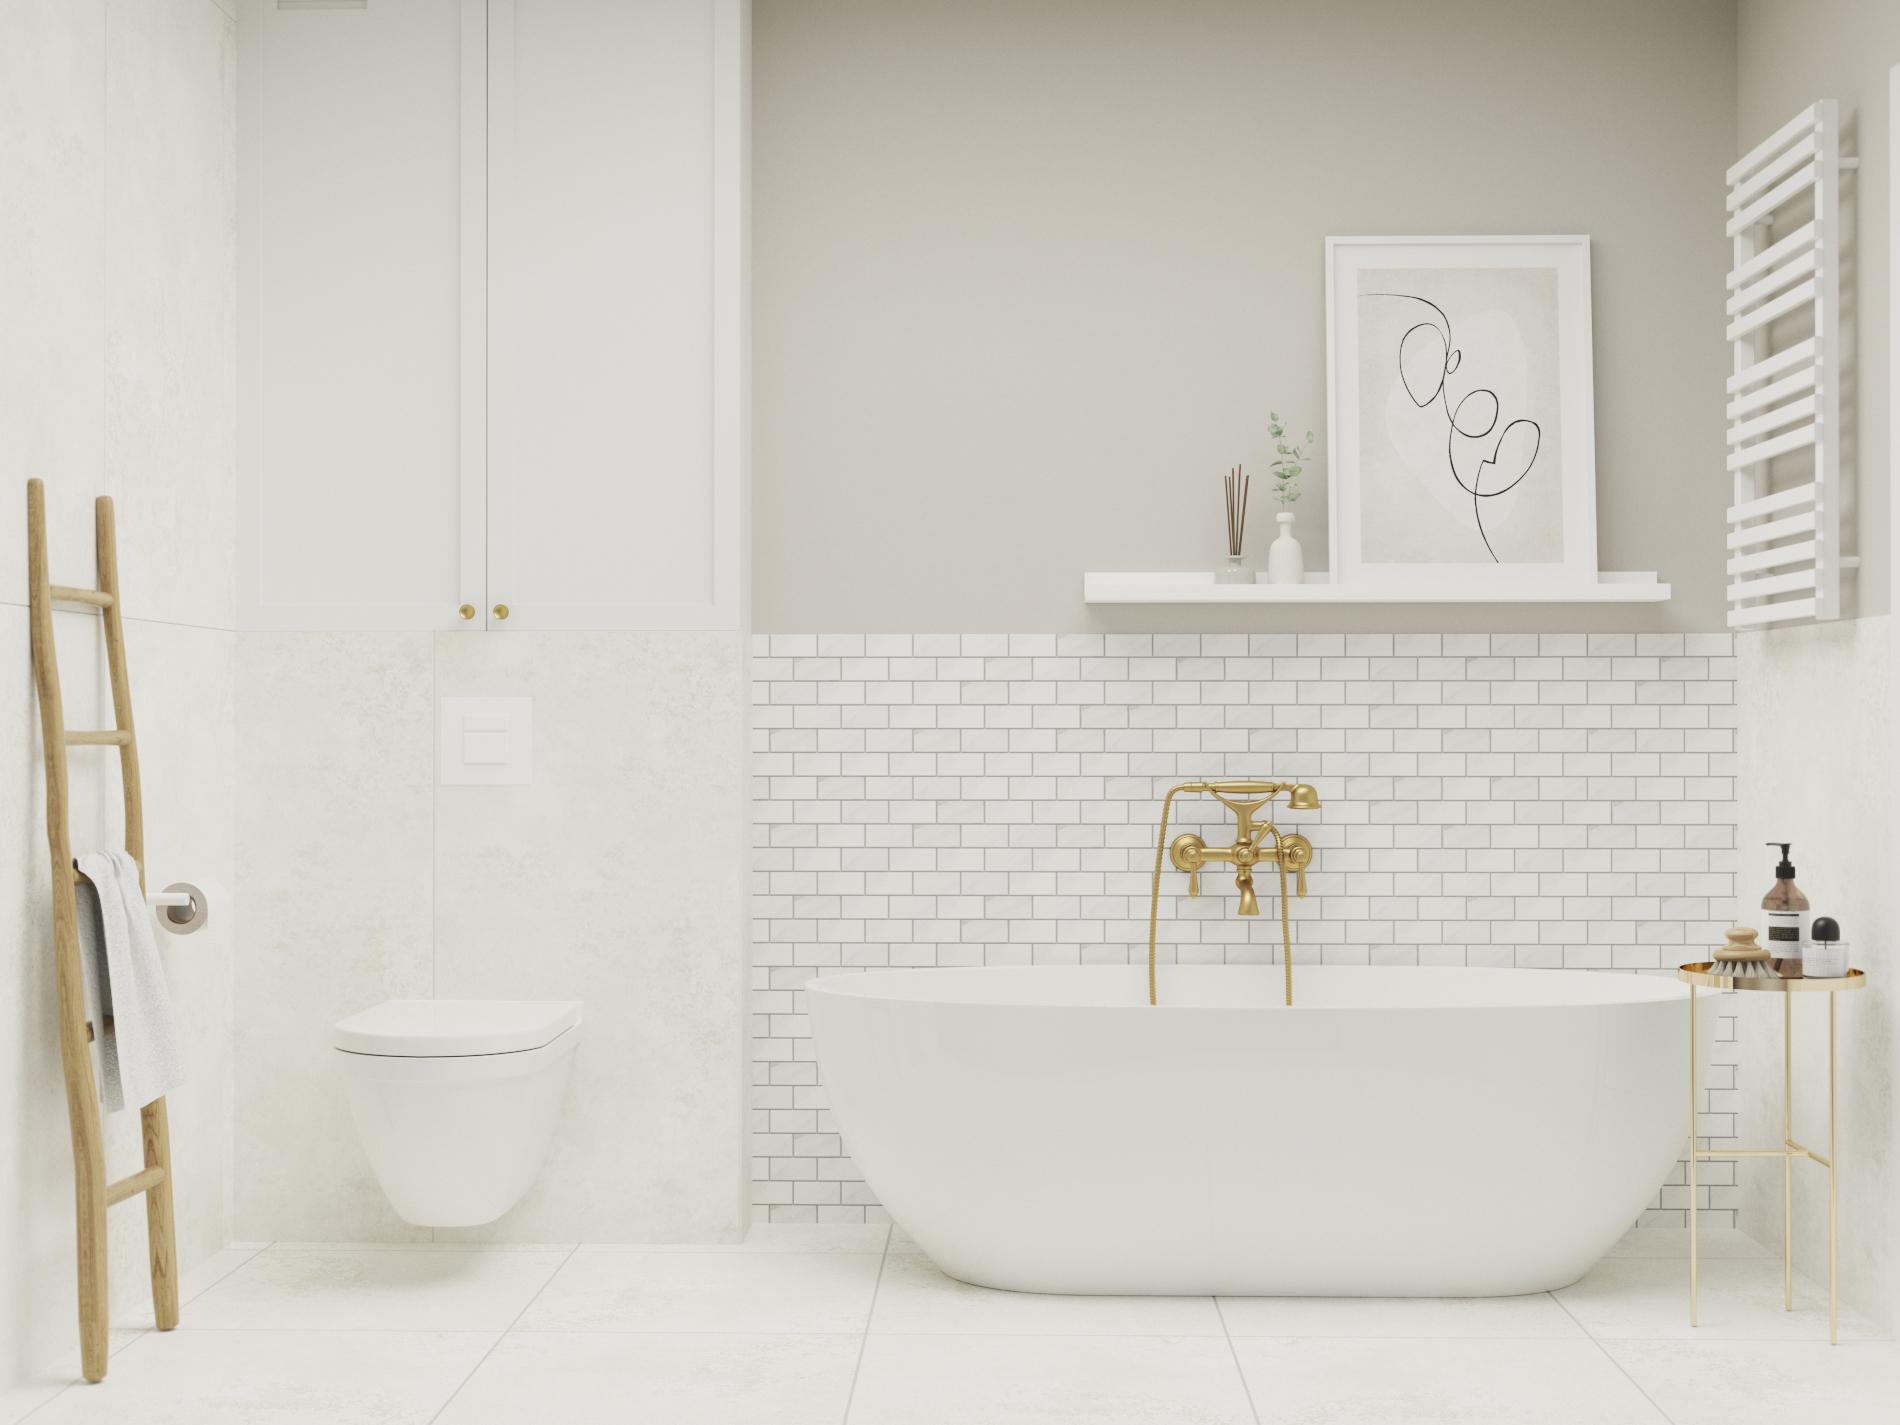 wanna wolnostojąca_beżowa łazienka_ mozaiki raw decor_przechowywanie w łazience